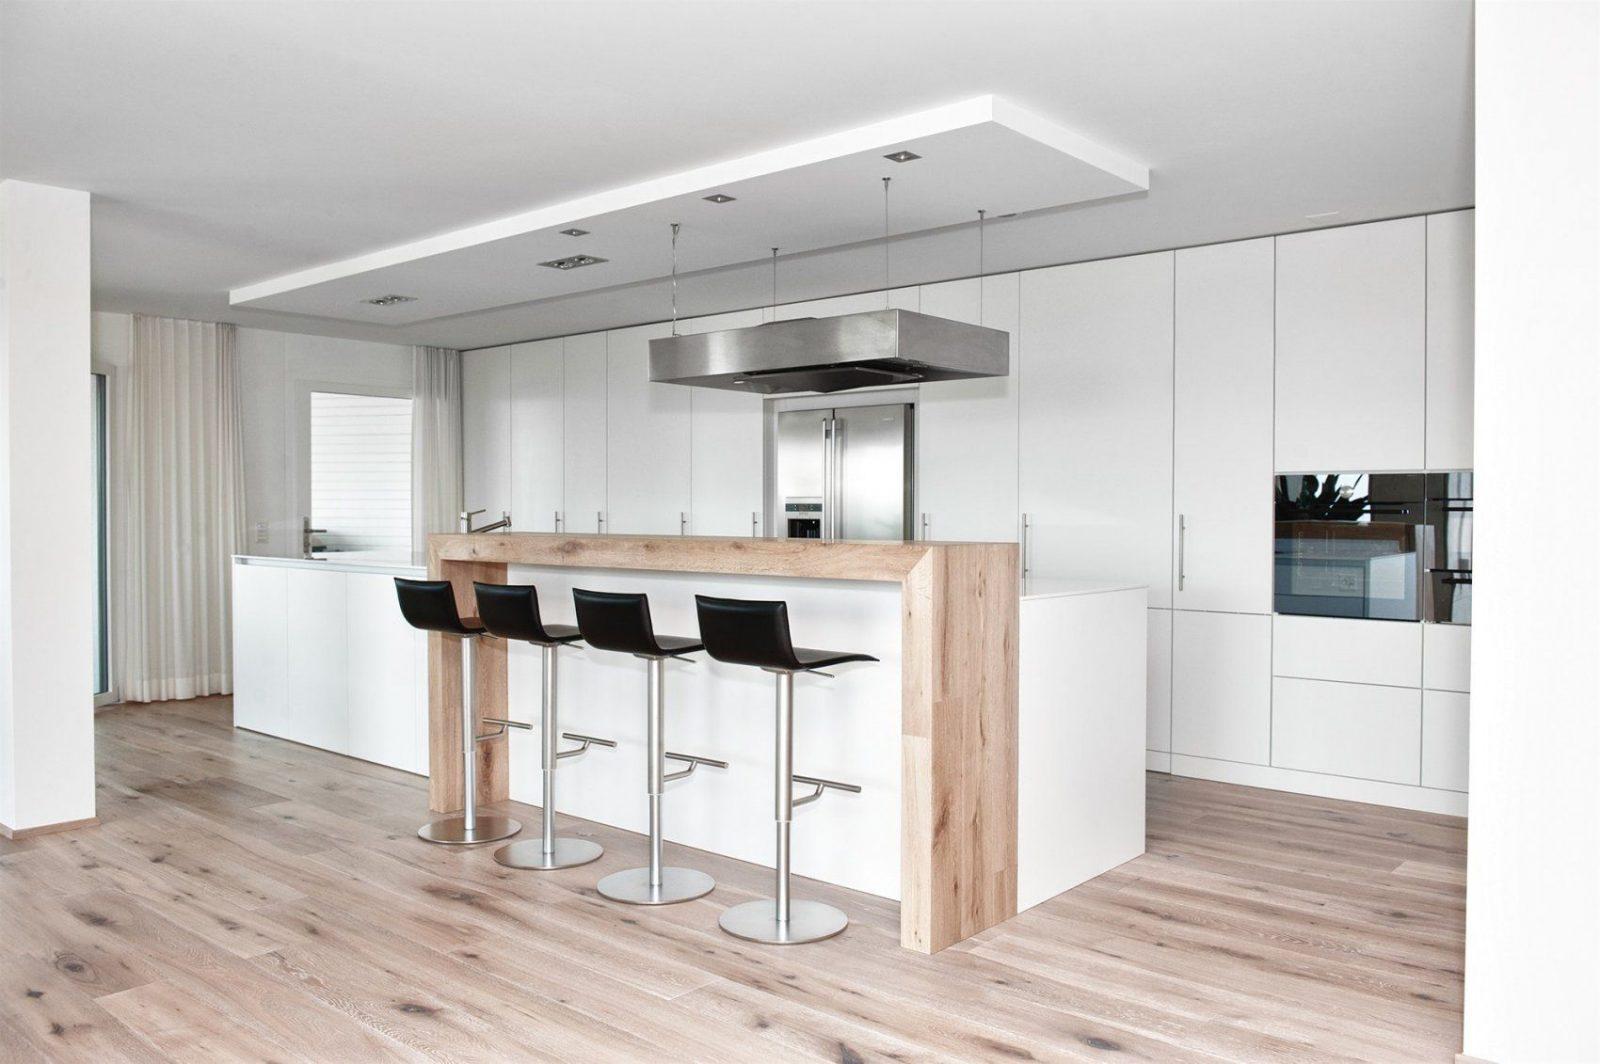 Andere Und Kuche Nolte Küchen Mit Kochinsel Theke Moderne Insel On ...